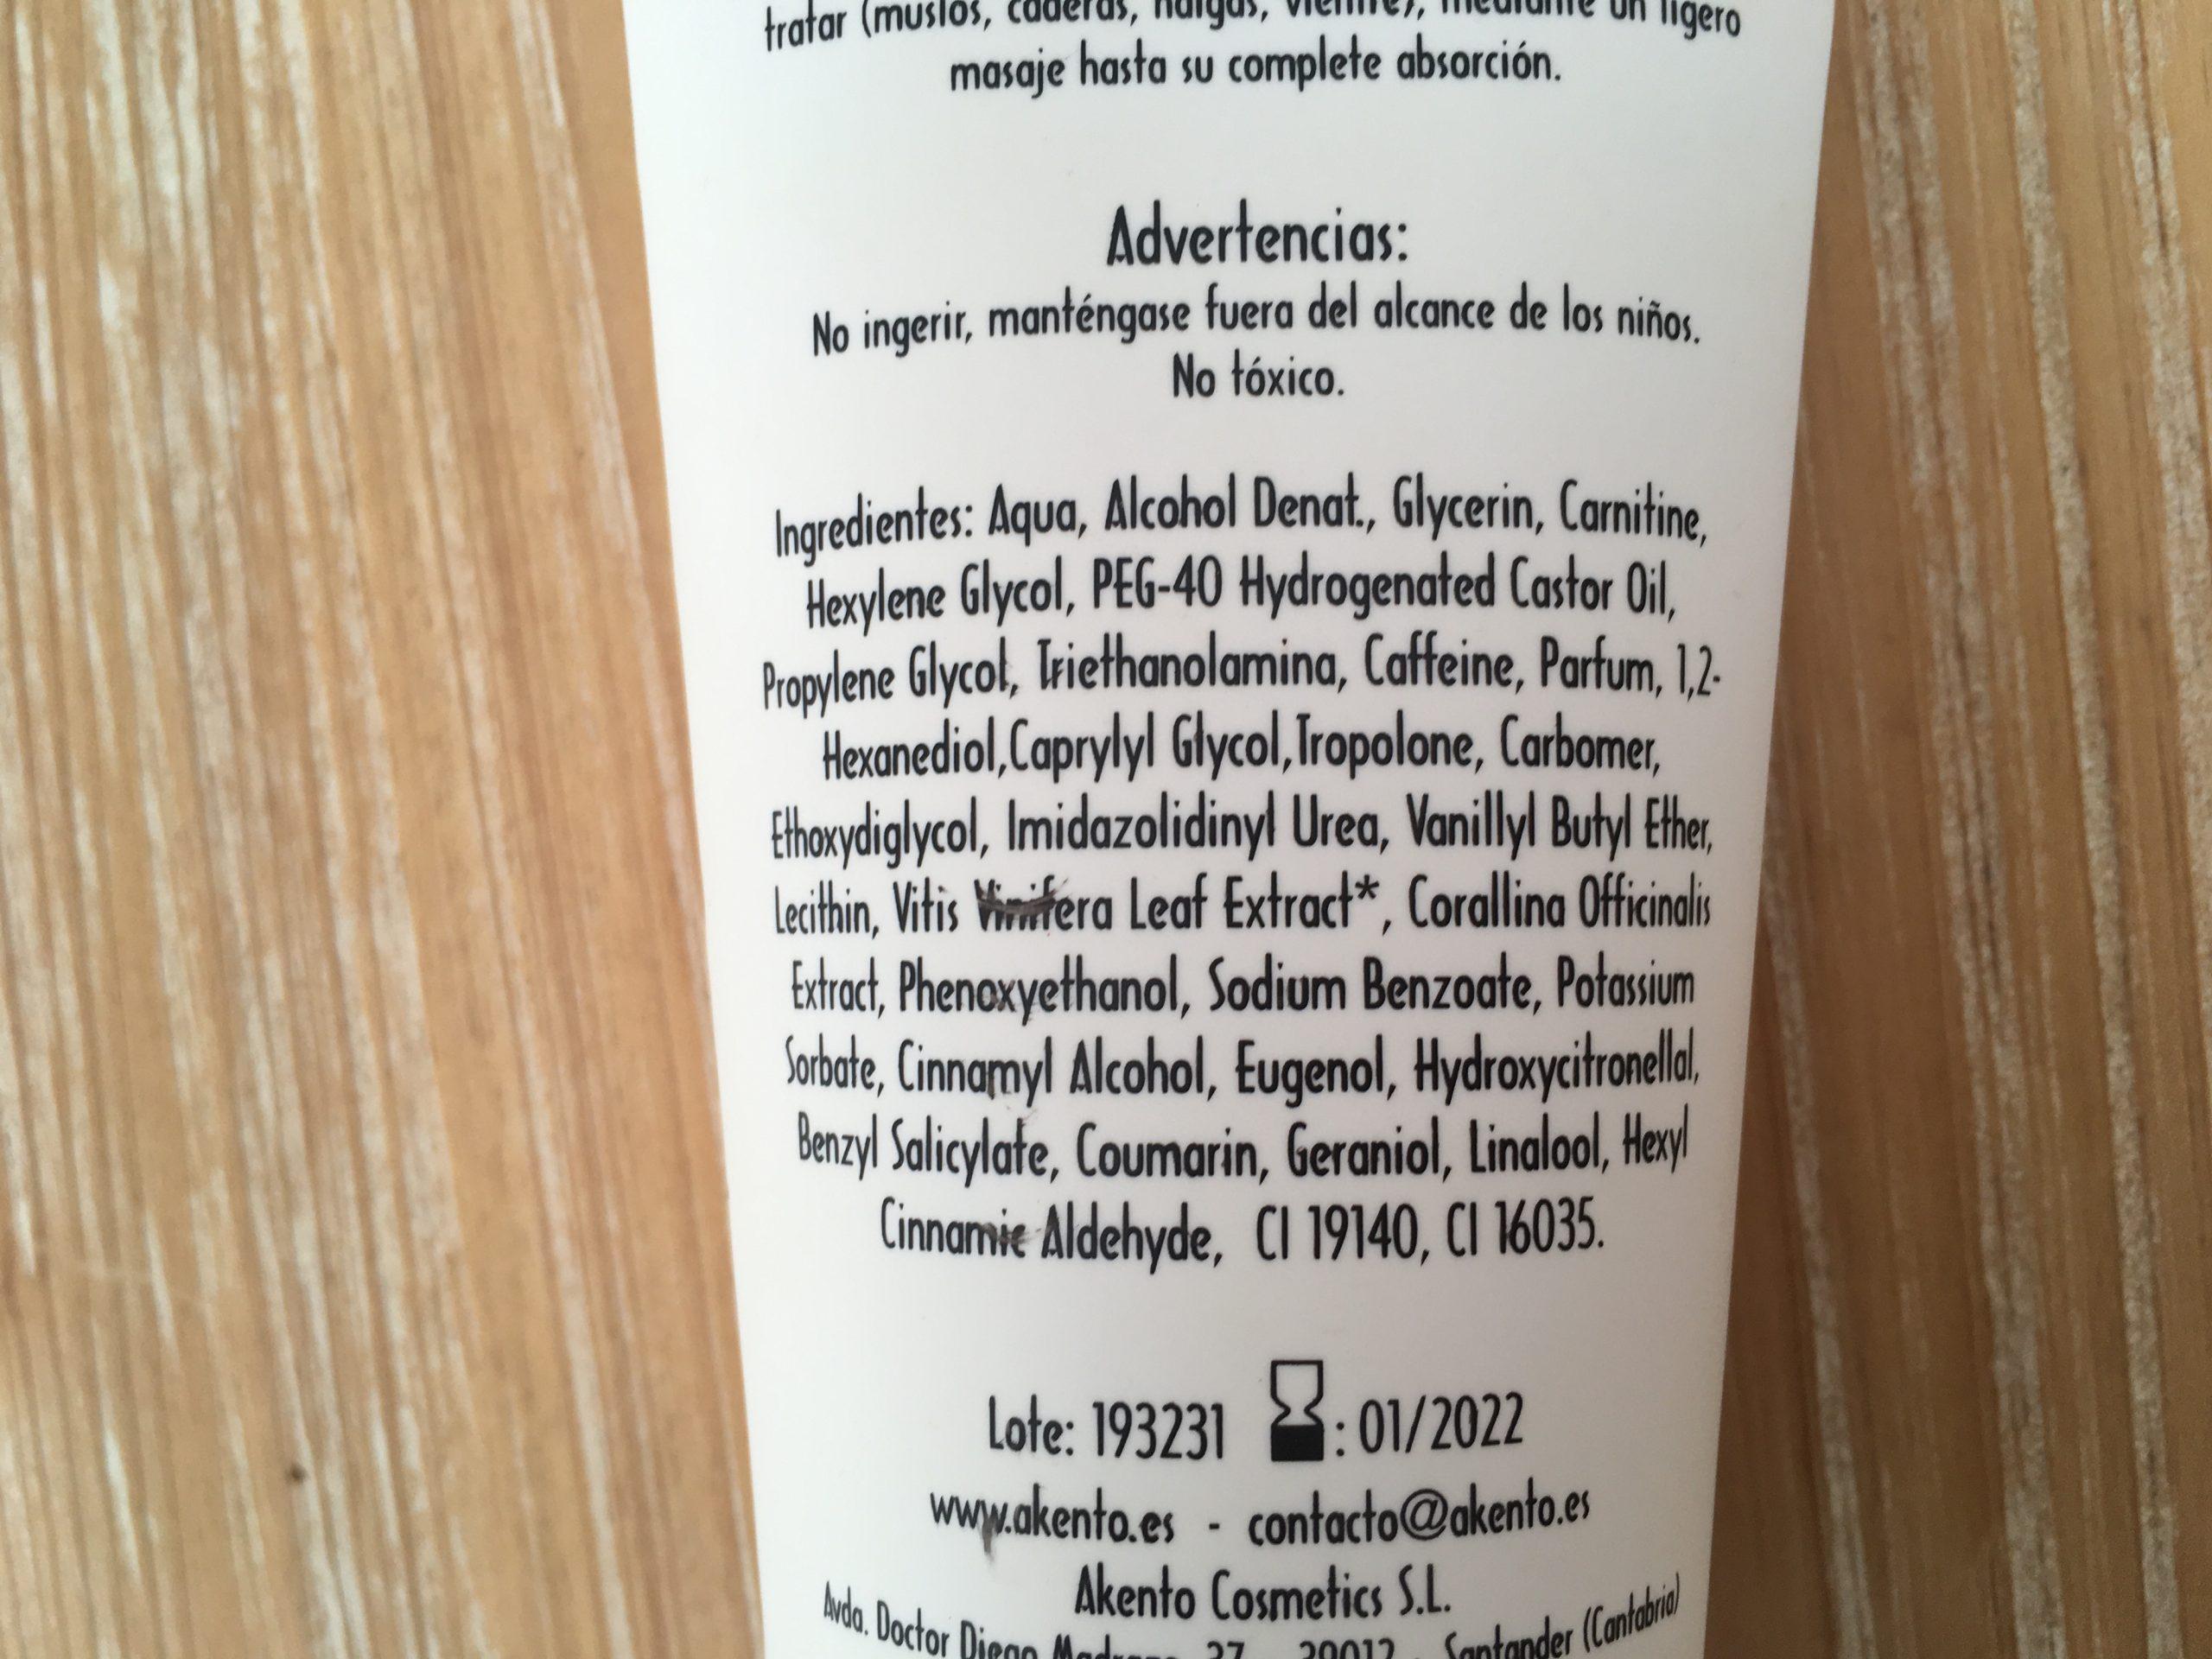 ingredientes anticelulitico akento